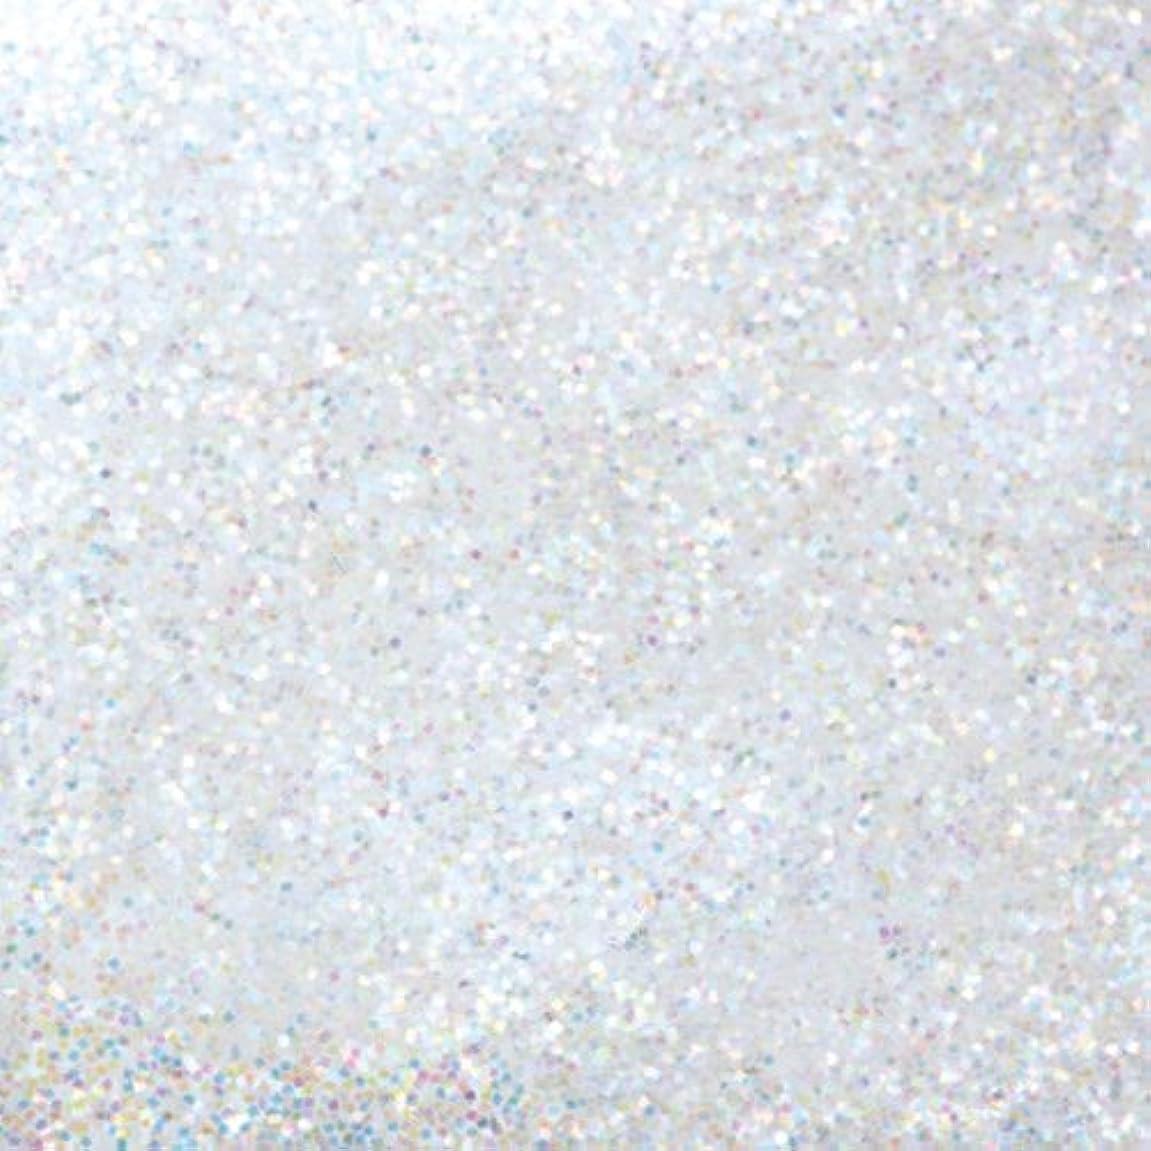 準備する人事拡張ピカエース ネイル用パウダー ピカエース ラメカラーレインボー S #400 ホワイト 0.7g アート材